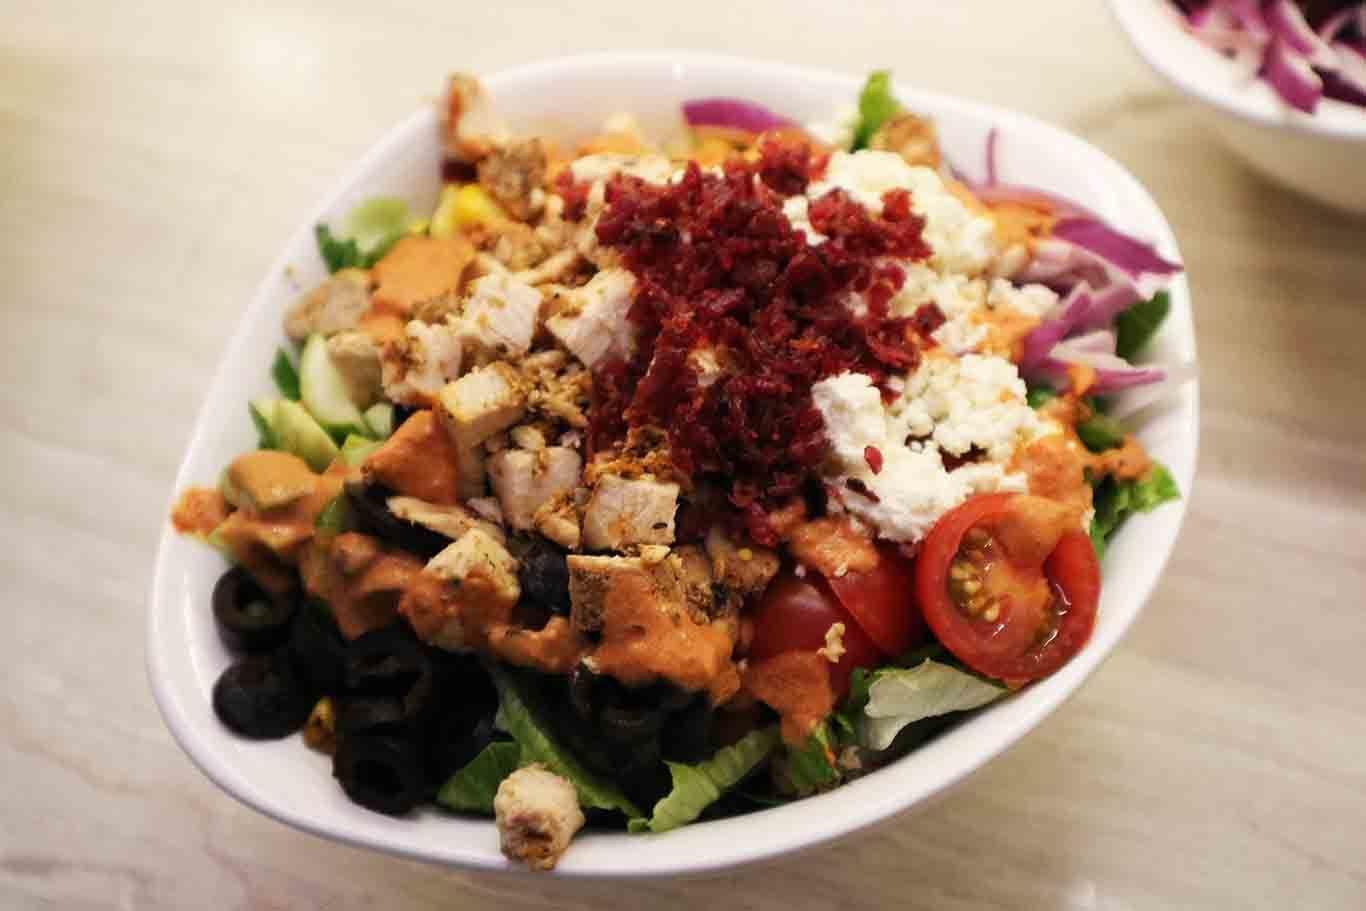 SaladStop! Sajikan Salad Bercita Rasa a la Kuliner dari Tiga Negara